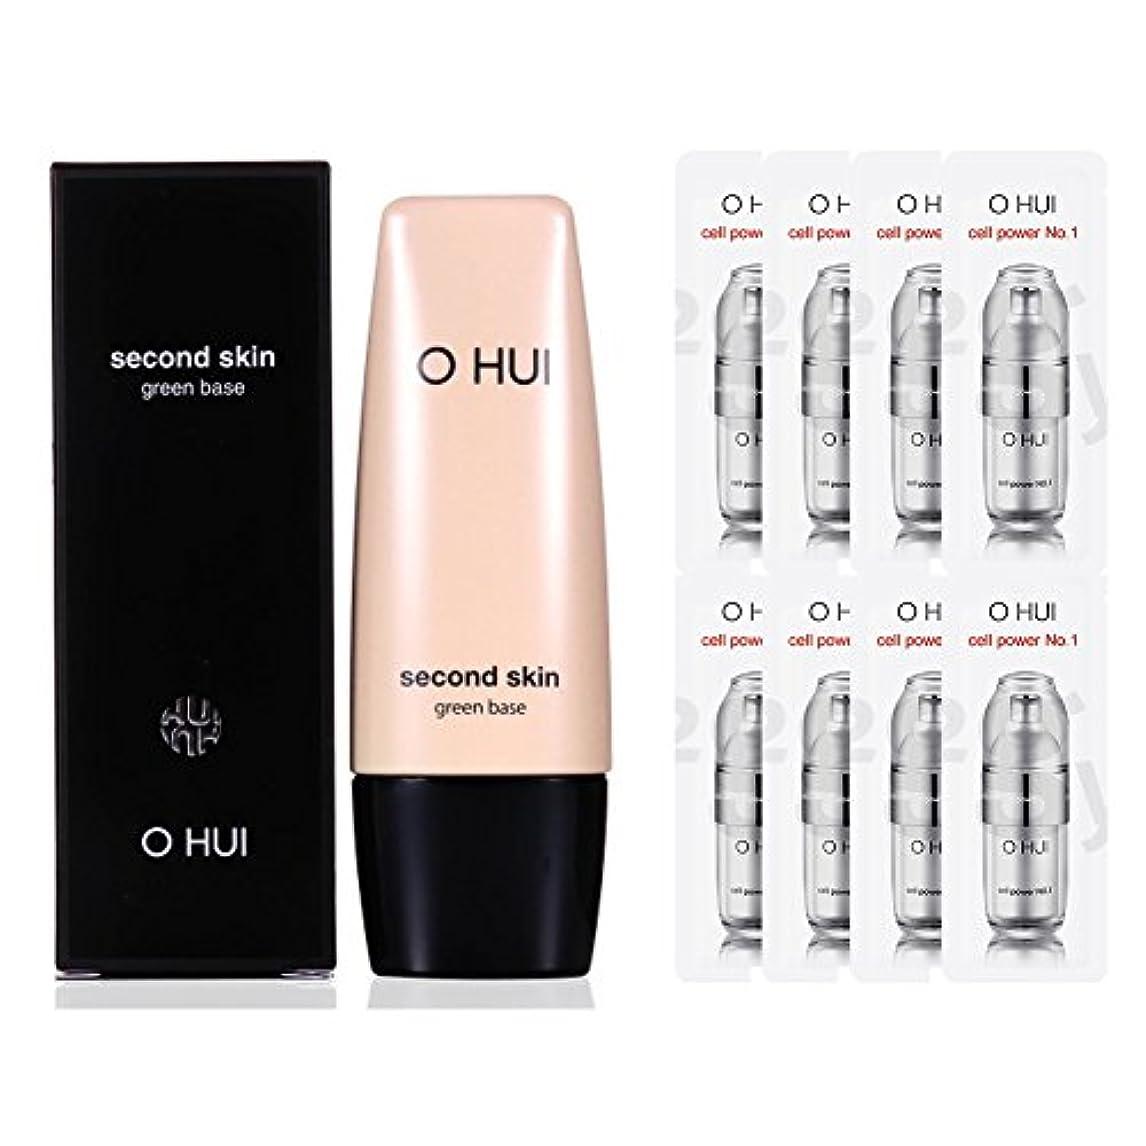 バンジョー良心的不合格OHUI/オフィセカンドスキン グリーンベース (メイクアップベース) (OHUI SECOND SKIN GREEN BASE Makeup Base set) スポット [海外直送品]